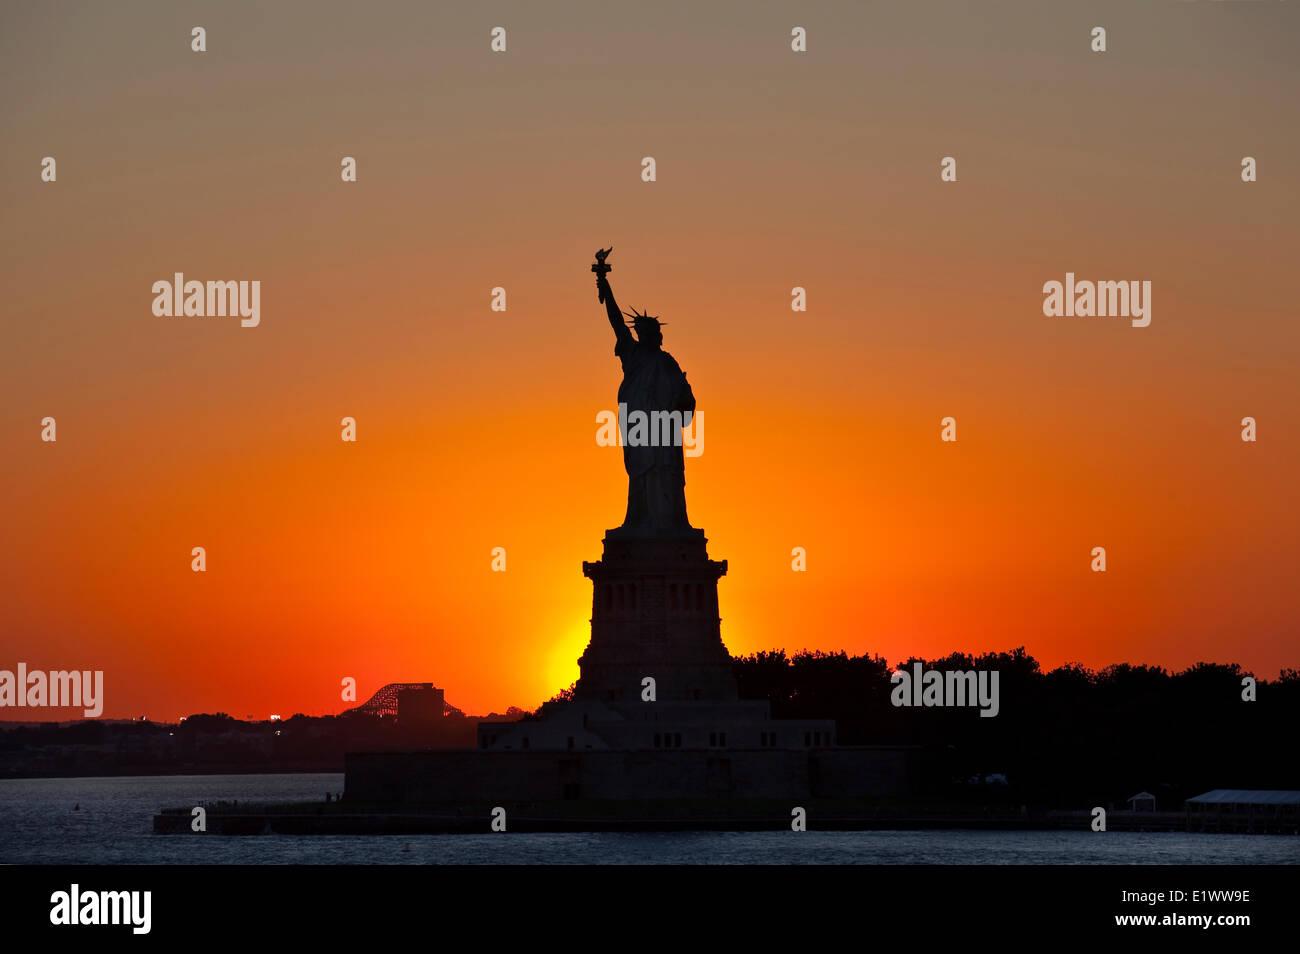 Silhouette der Freiheitsstatue vor der untergehenden Sonne fotografiert. Liberty Island, New York, Vereinigte Staaten Stockbild